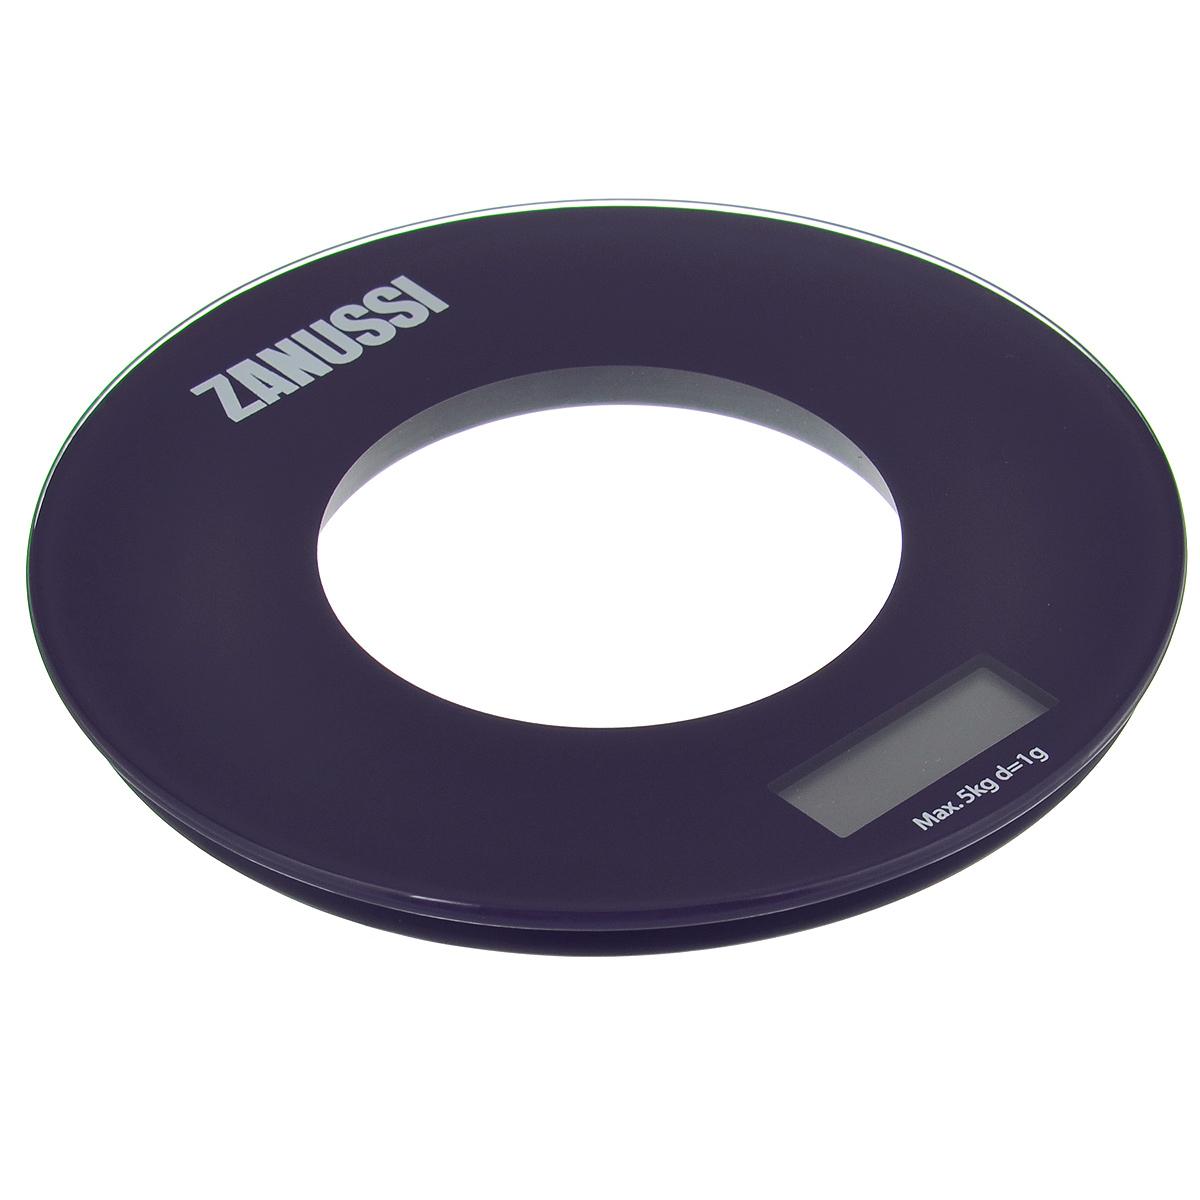 Весы кухонные Zanussi Bologna, электронные, цвет: фиолетовый, до 5 кгZSE21221BFЭлектронные кухонные весы Zanussi Bologna придутся по душе каждой хозяйке и станут незаменимым аксессуаром на кухне. Ультратонкий корпус весов выполнен из пластика с цифровым ЖК-дисплеем. Весы выдерживают до 5 килограмм и оснащены высокоточной сенсорной измерительной системой. Имеется индикатор низкого заряда батареи.С помощью таких электронных весов можно точно контролировать пропорции ингредиентов.УВАЖАЕМЫЕ КЛИЕНТЫ!Обращаем ваше внимание, что весы работают от одной литиевой батарейки CR2032 напряжением 3V (входит в комплект).